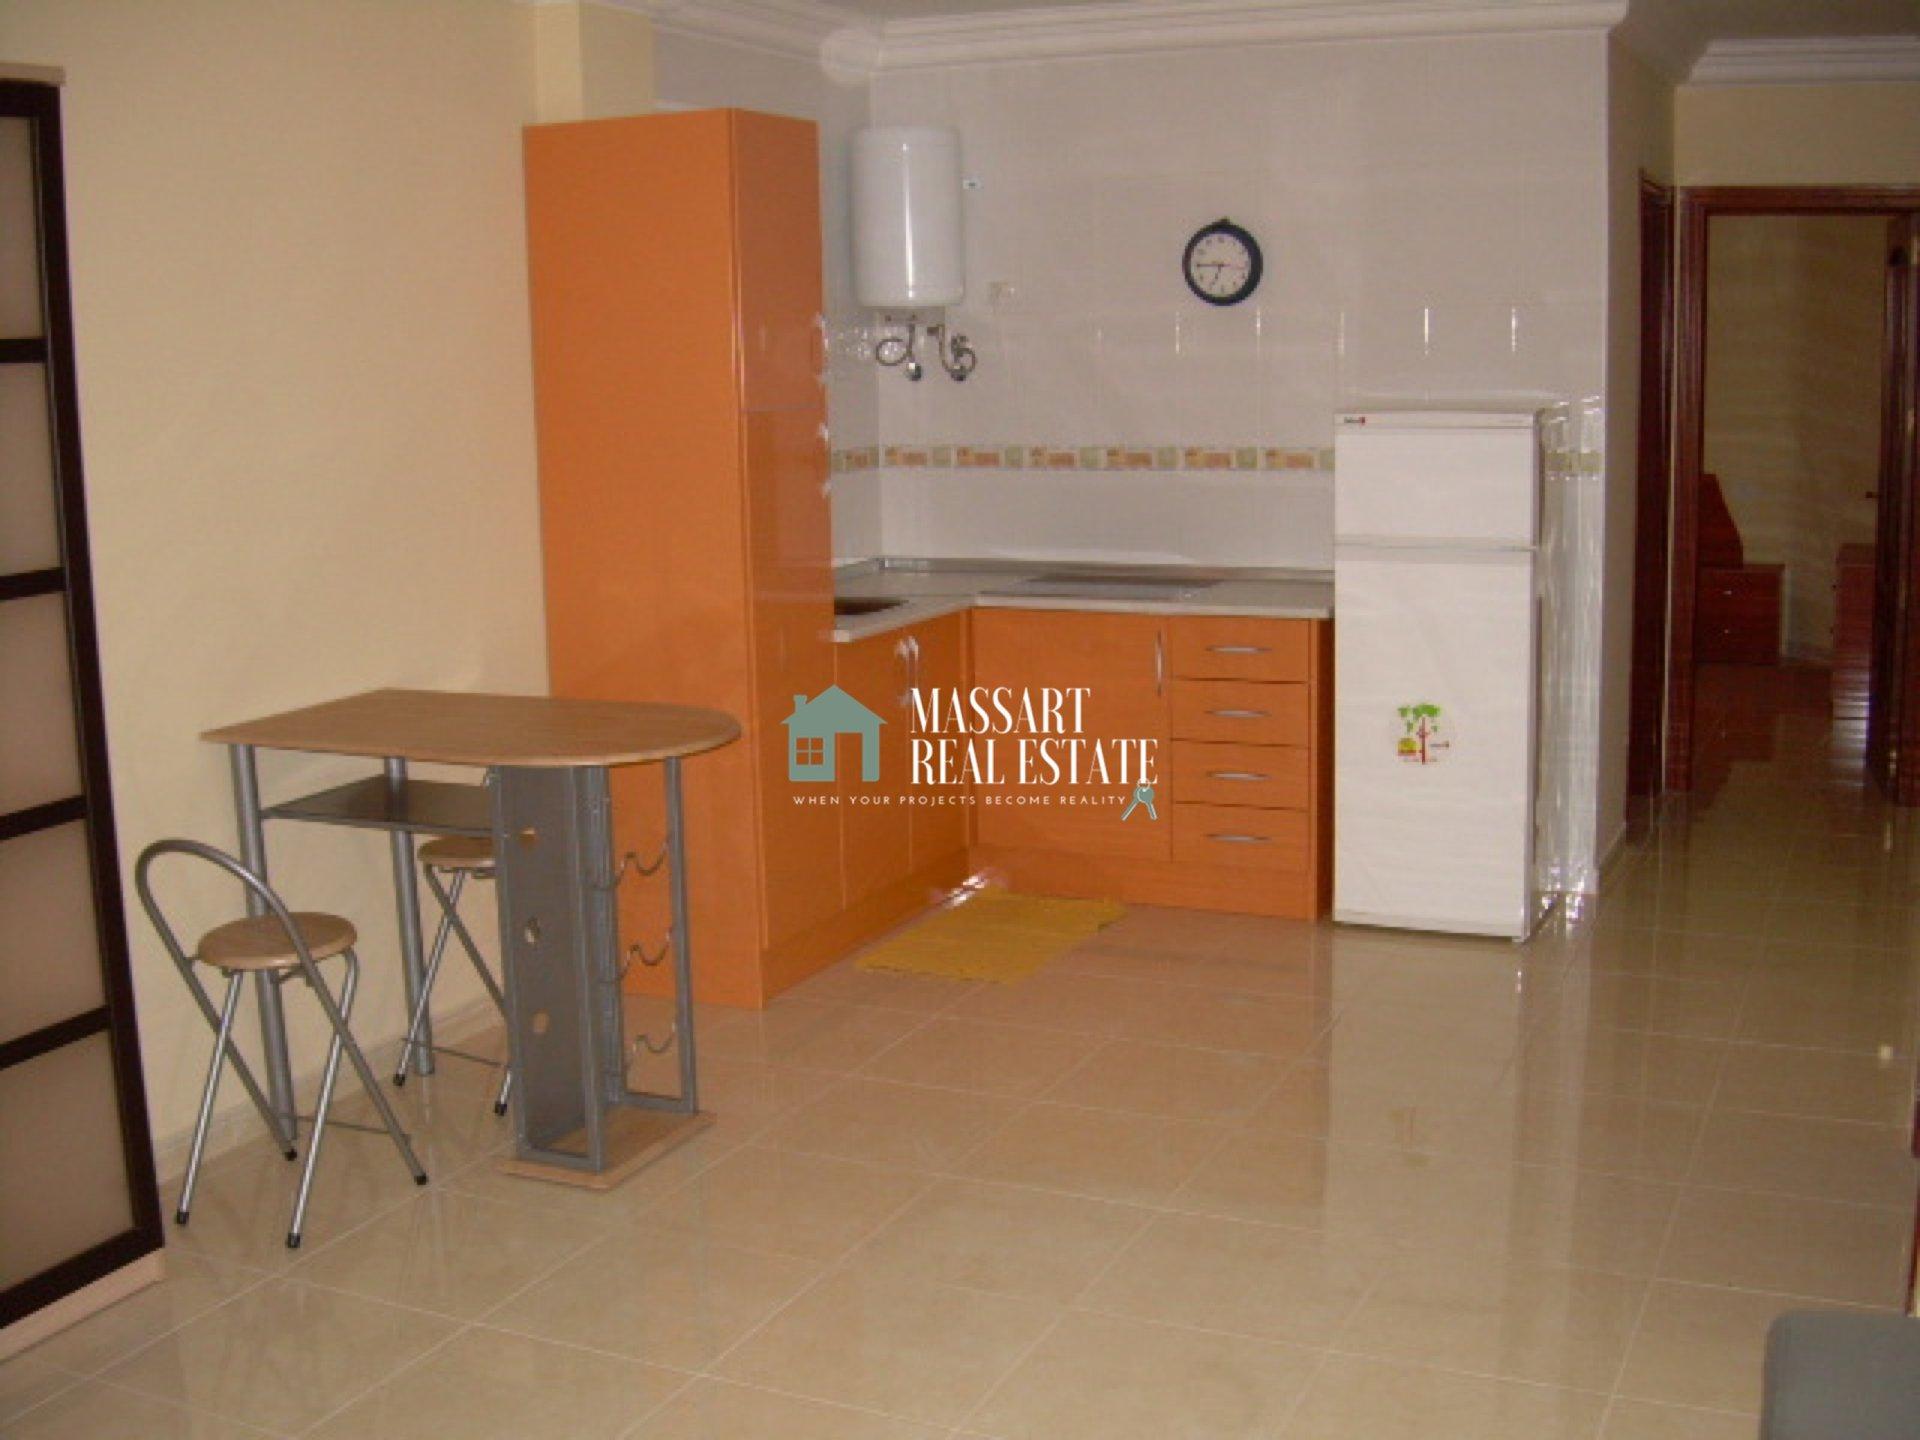 Accogliente appartamento in affitto a Guargacho, ideale per godersi una vita felice e tranquilla in coppia o da soli.